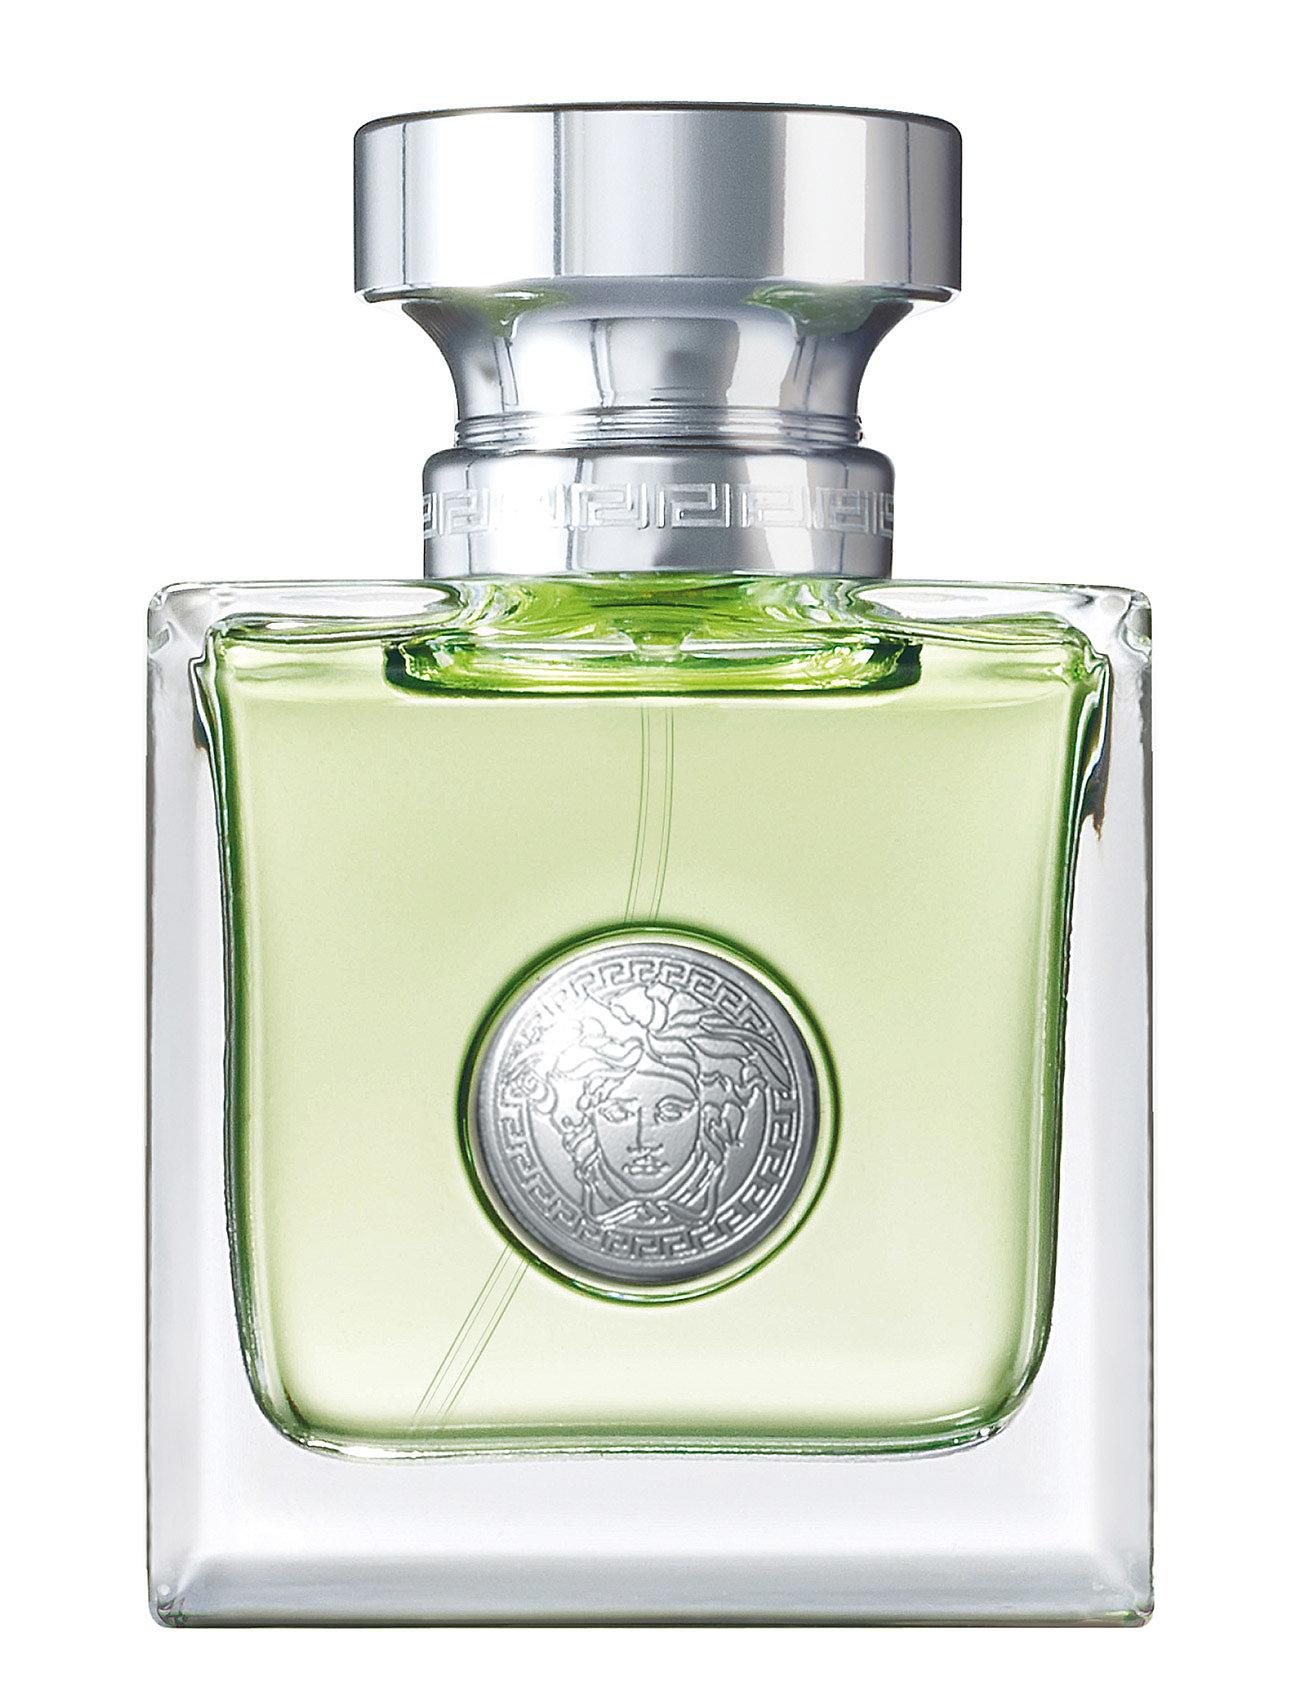 versace fragrance Versace versense eau de toilette sp fra boozt.com dk